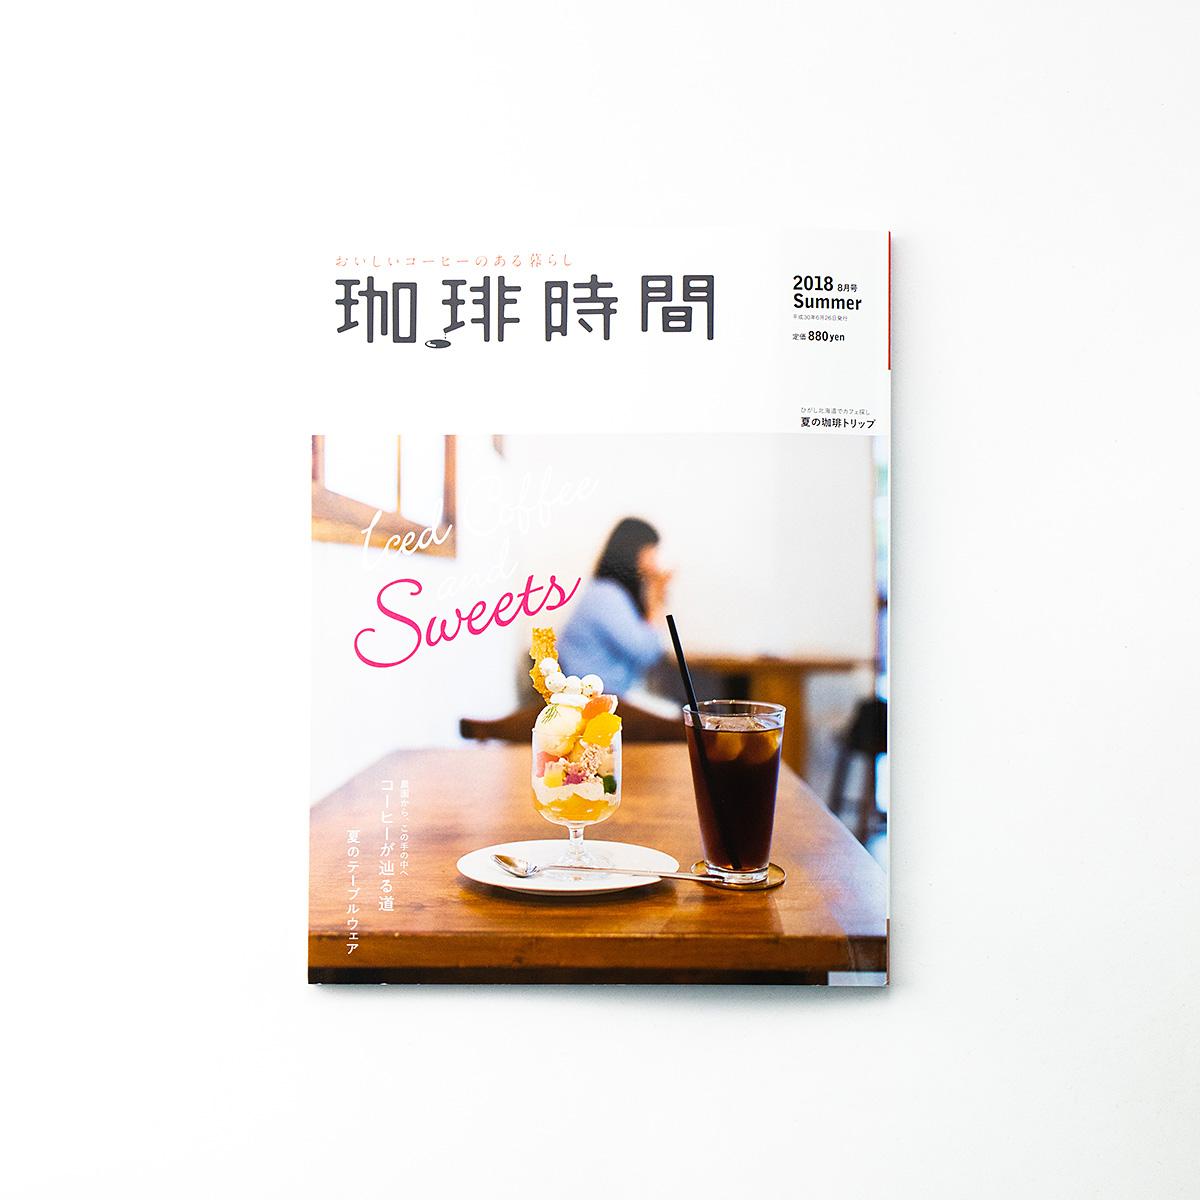 【メディア掲載情報】珈琲時間 2018.8月号